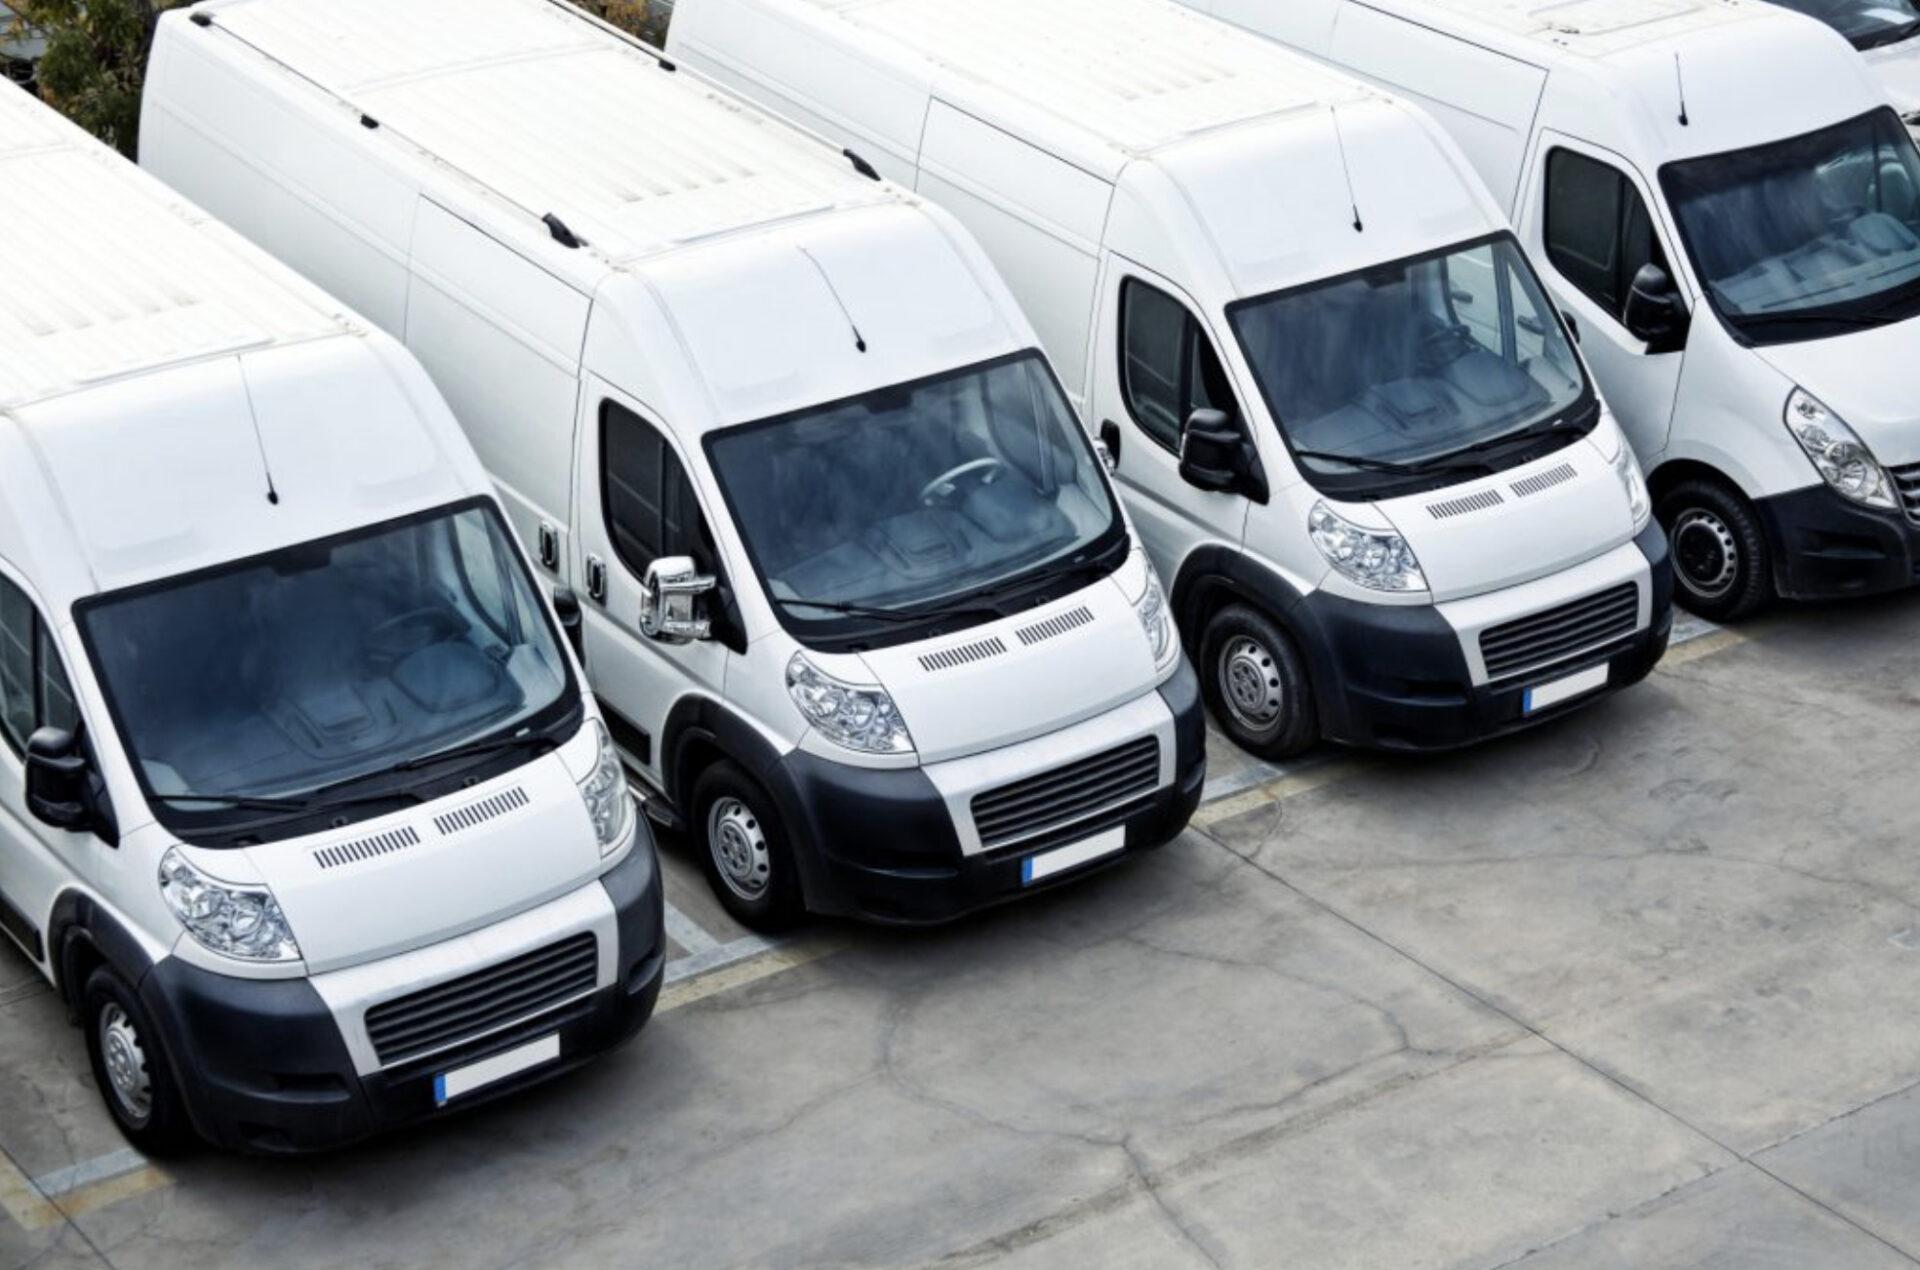 ¿Estás pensando en comprar una furgoneta de segunda mano? Estos consejos te pueden ser útiles